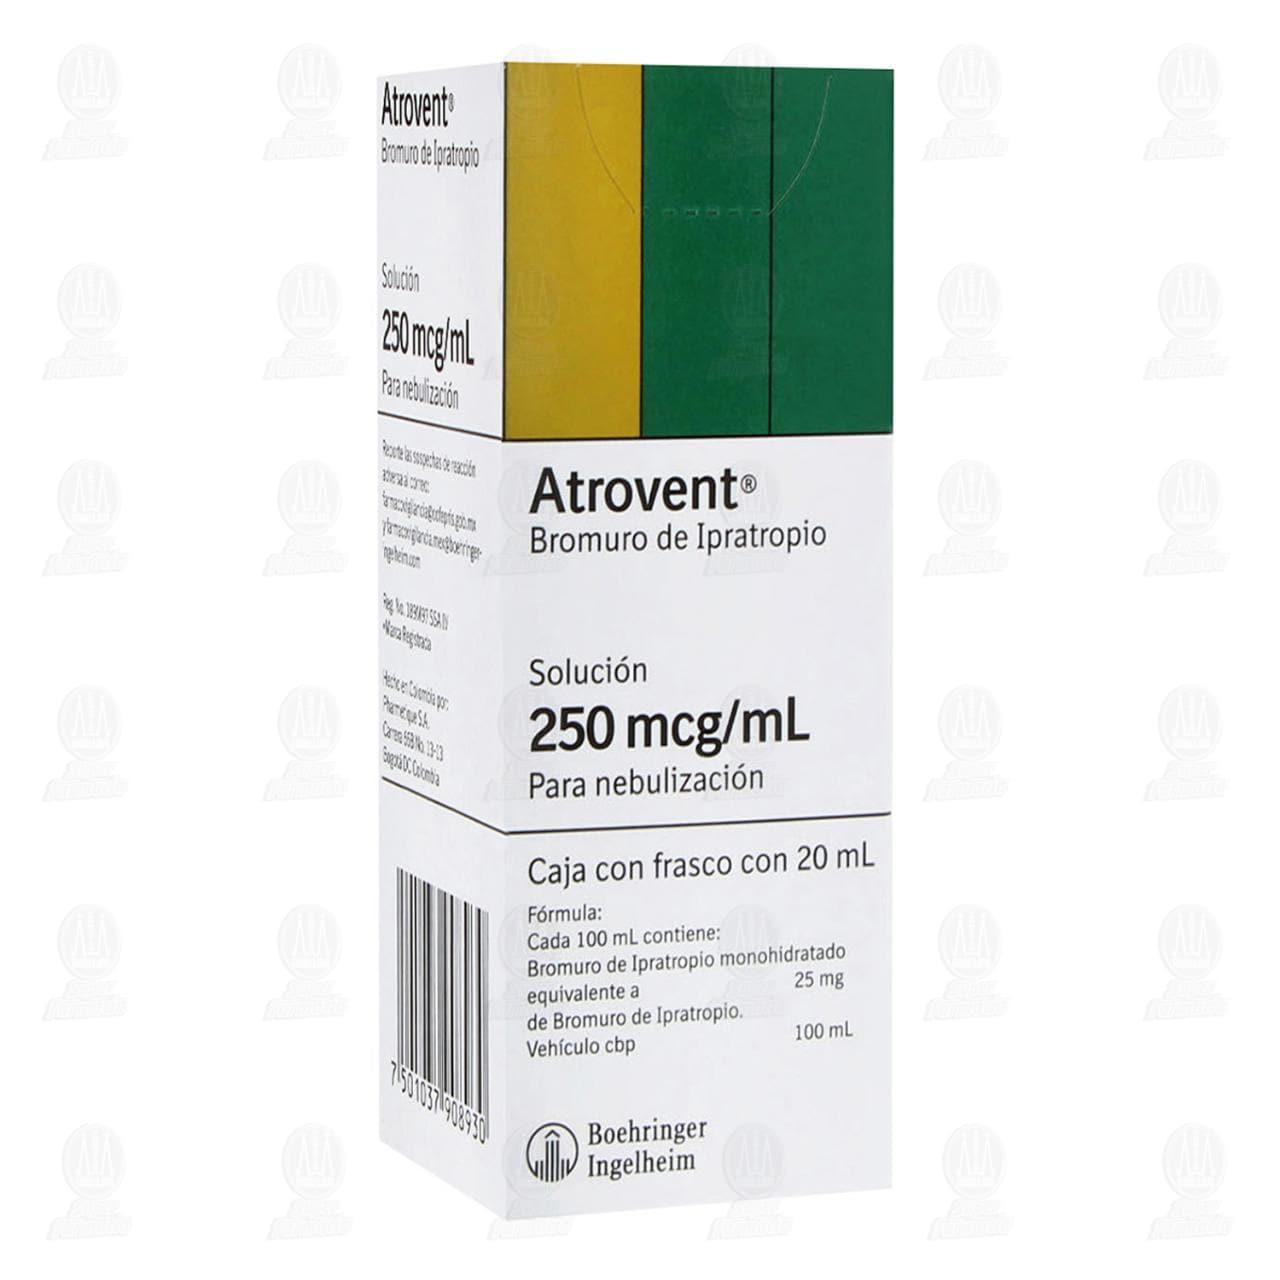 comprar https://www.movil.farmaciasguadalajara.com/wcsstore/FGCAS/wcs/products/619337_A_1280_AL.jpg en farmacias guadalajara